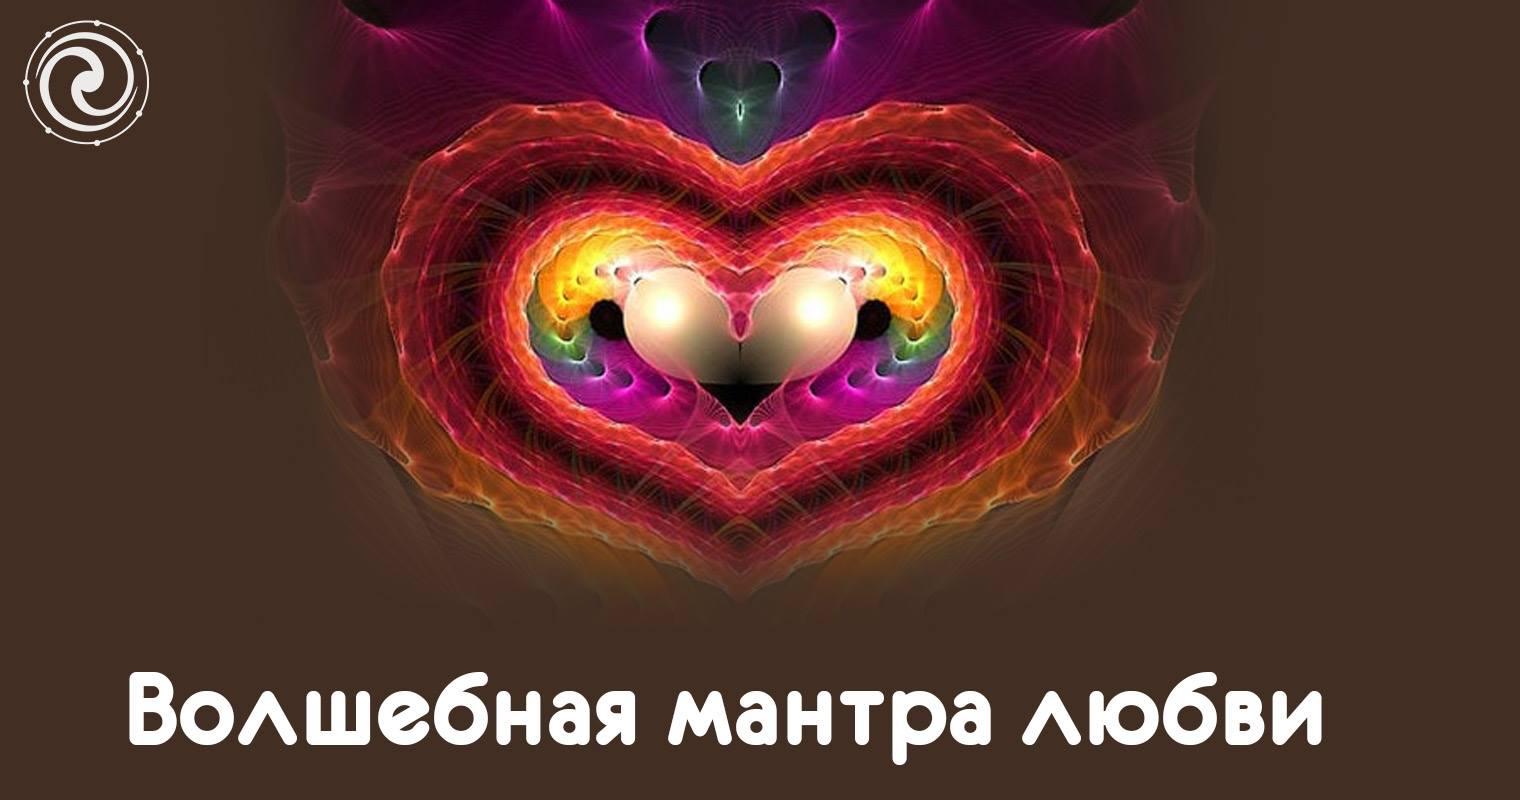 Картинки по запросу Мантры для обретения любви картинки